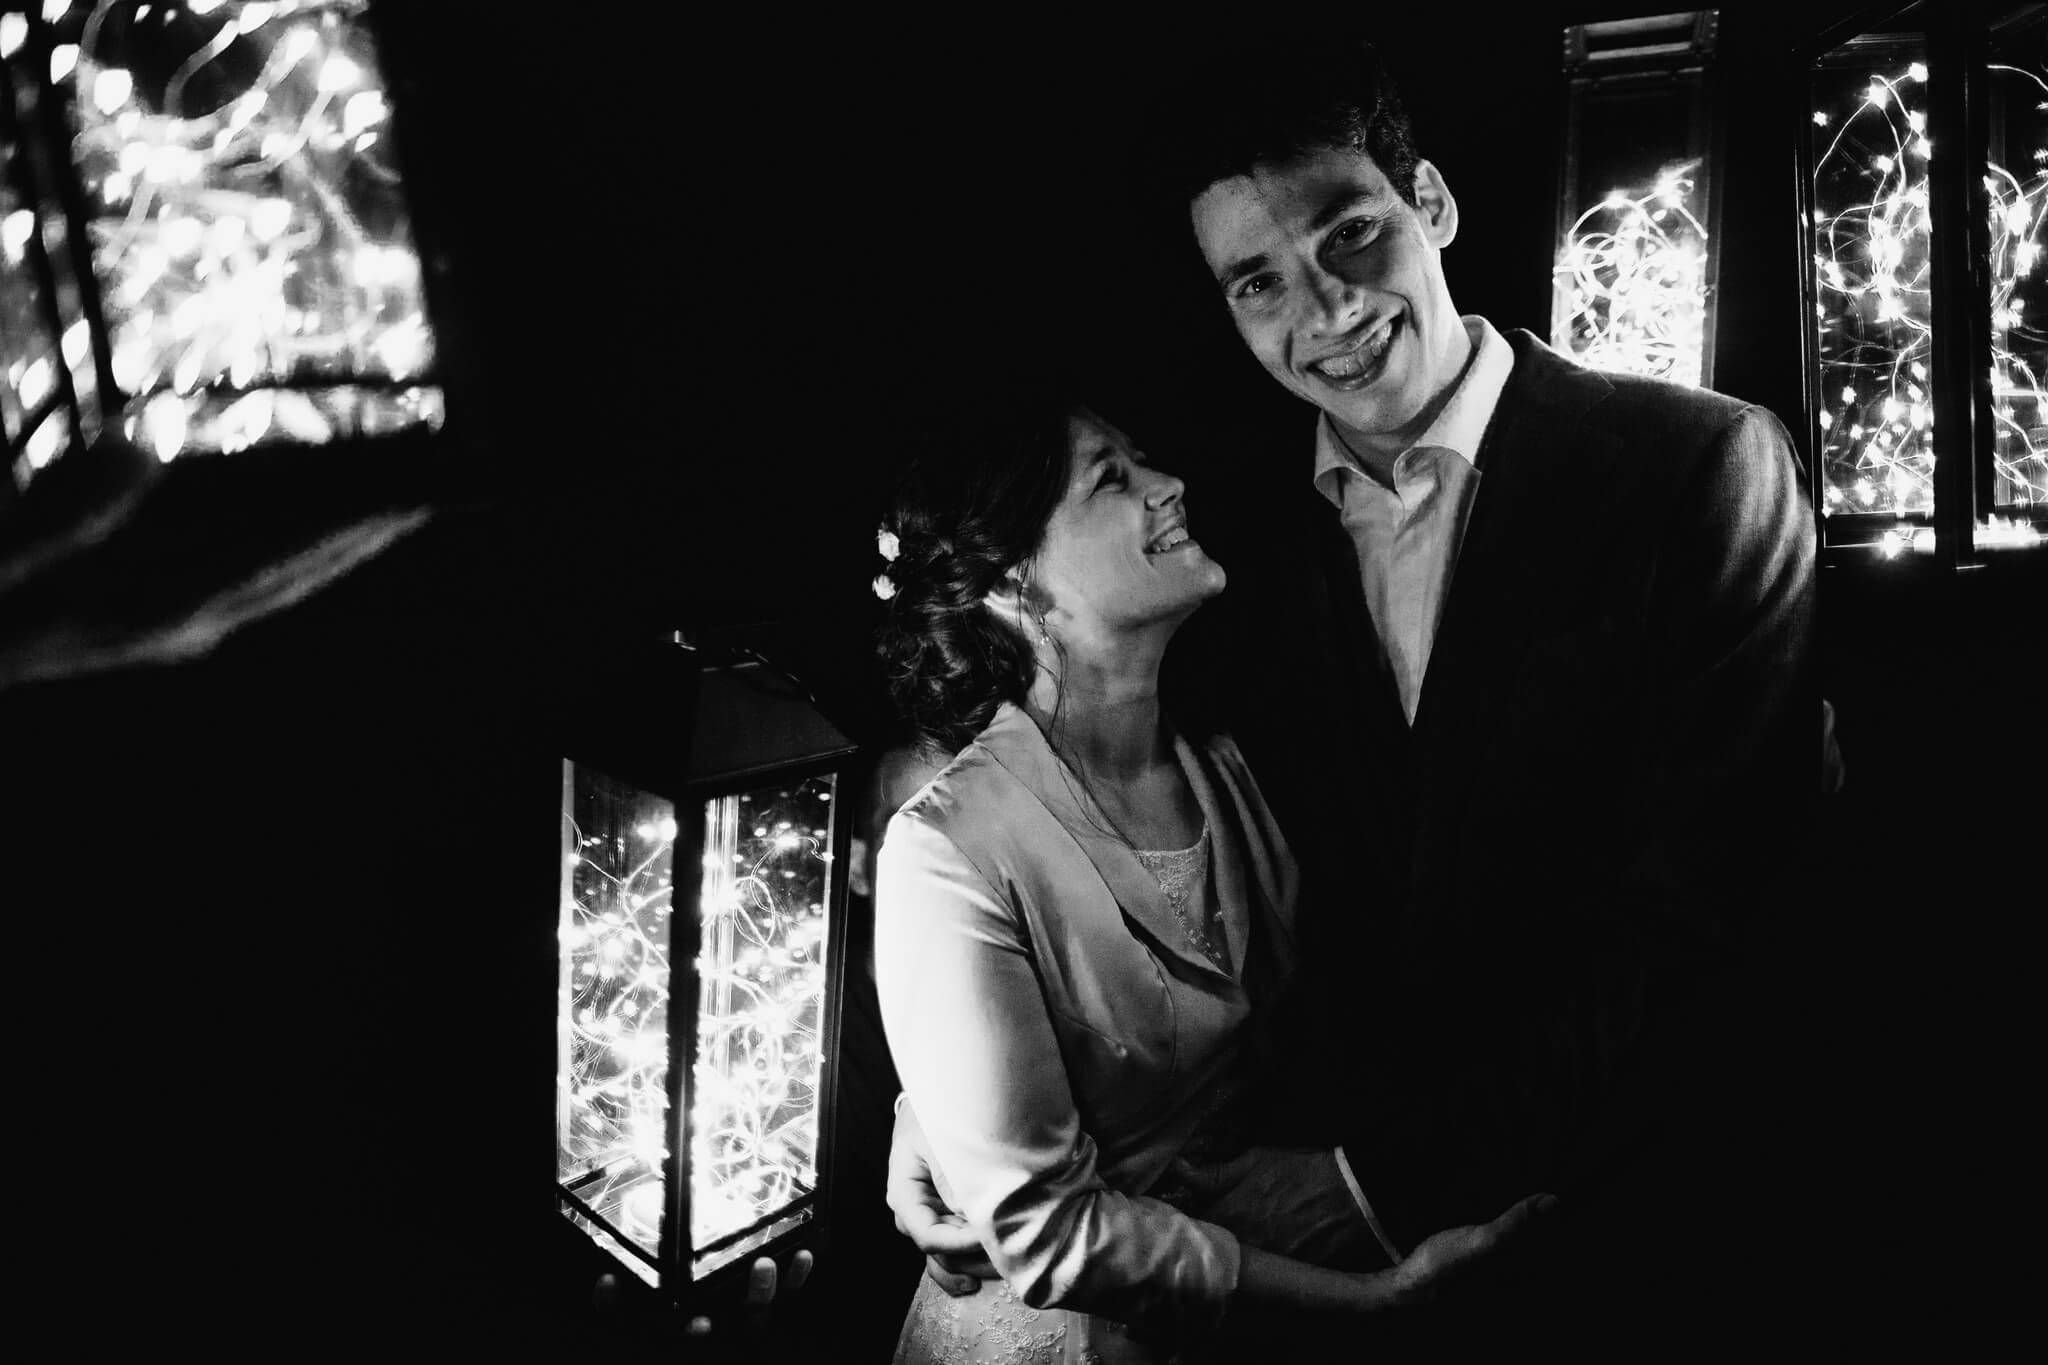 světýlka,dokonalá svatba, perfektní , svatba, stodola, beroun, skřípel, střední čechy, na jednom místě, přírodní, boho , boho styl, svatební fotograf beroun, křenek ,